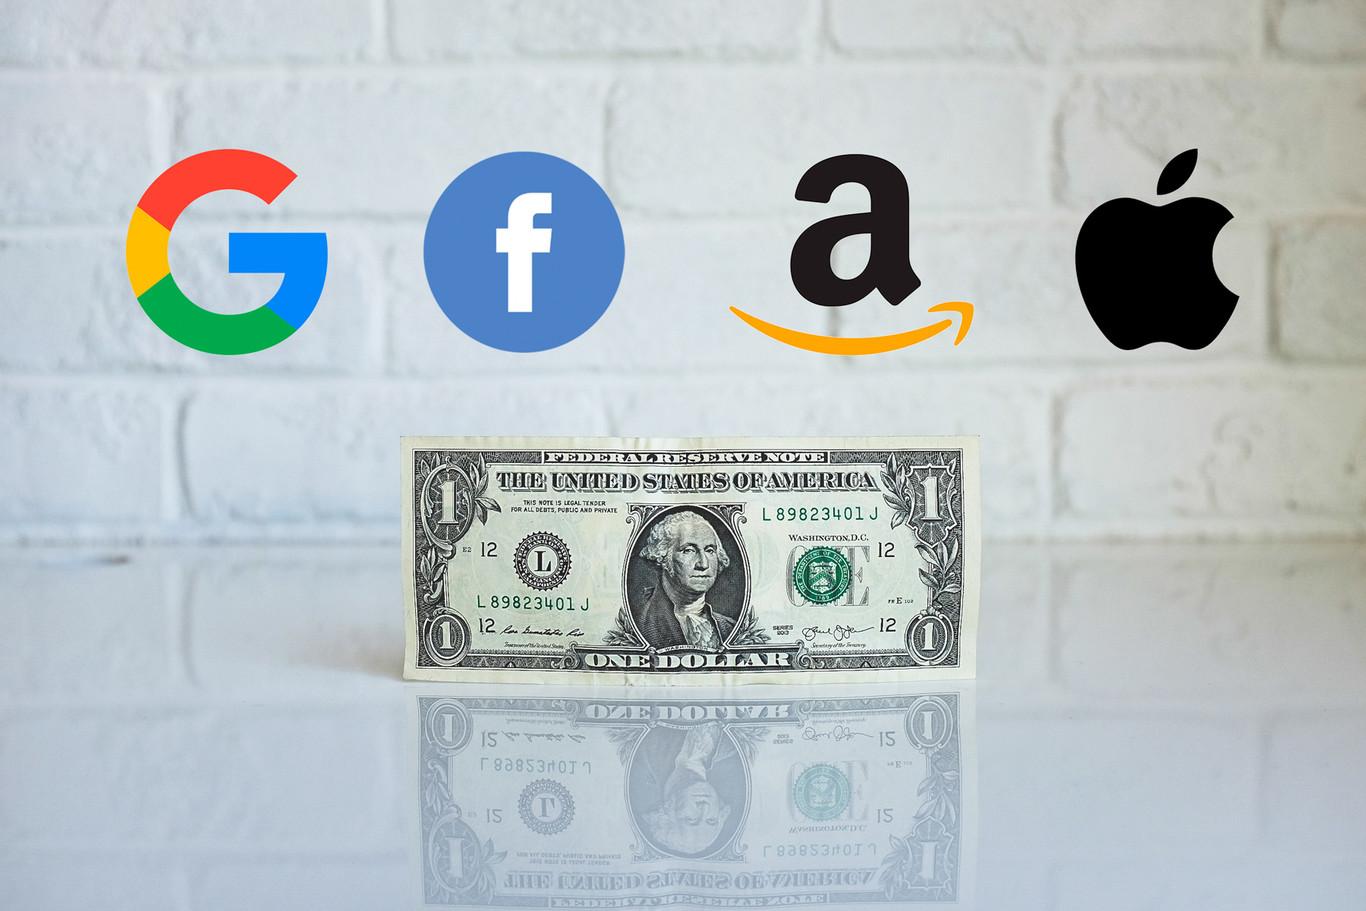 Google, Amazon, Facebook o Apple deberán pagar impuestos en los países donde ganan dinero aunque no tengan presencia física